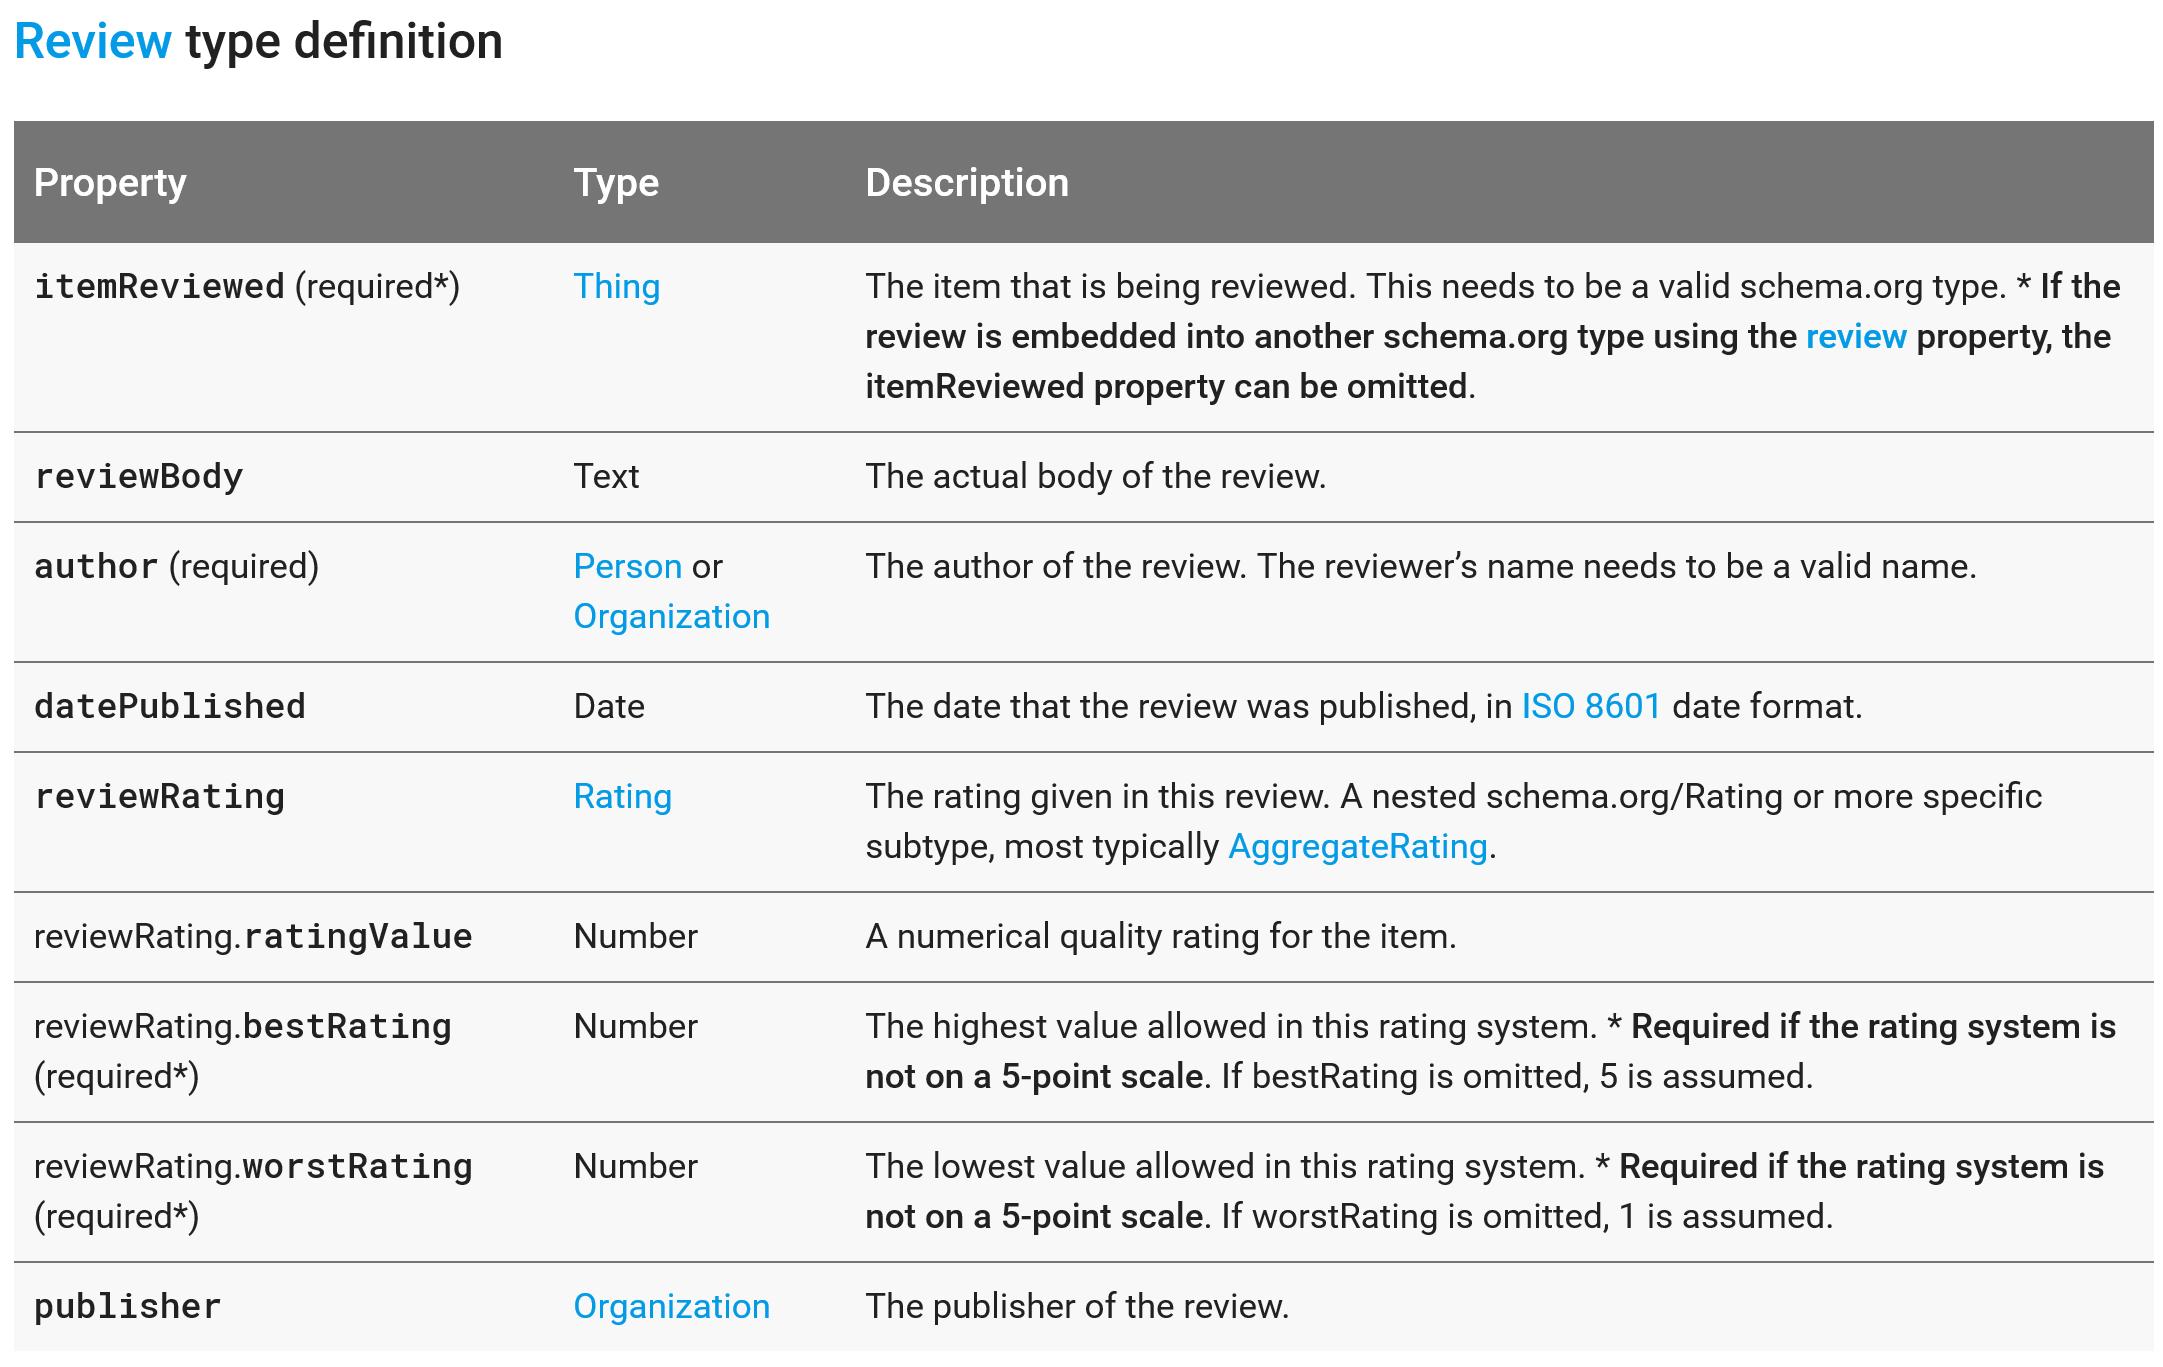 ejemplo de revisión de esquema